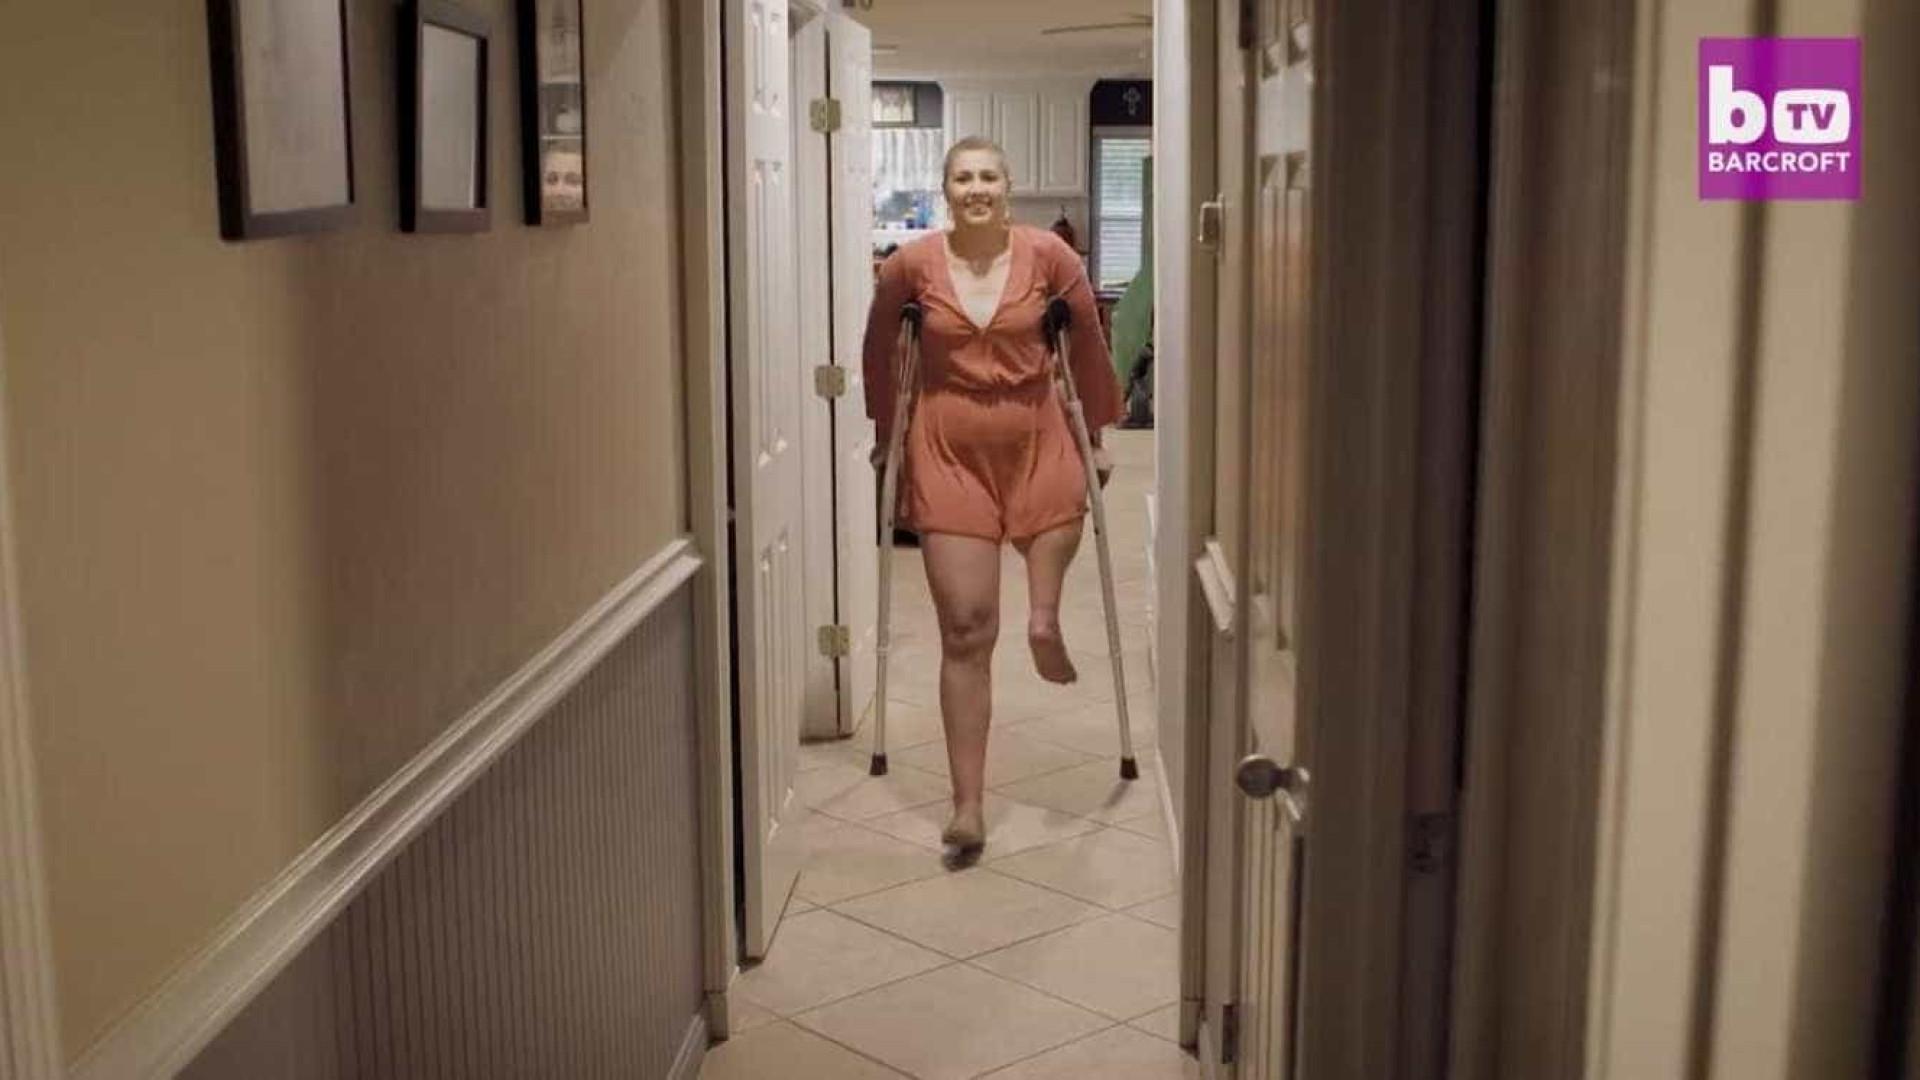 Jovem transforma pé num joelho em cirurgia para tratar cancro